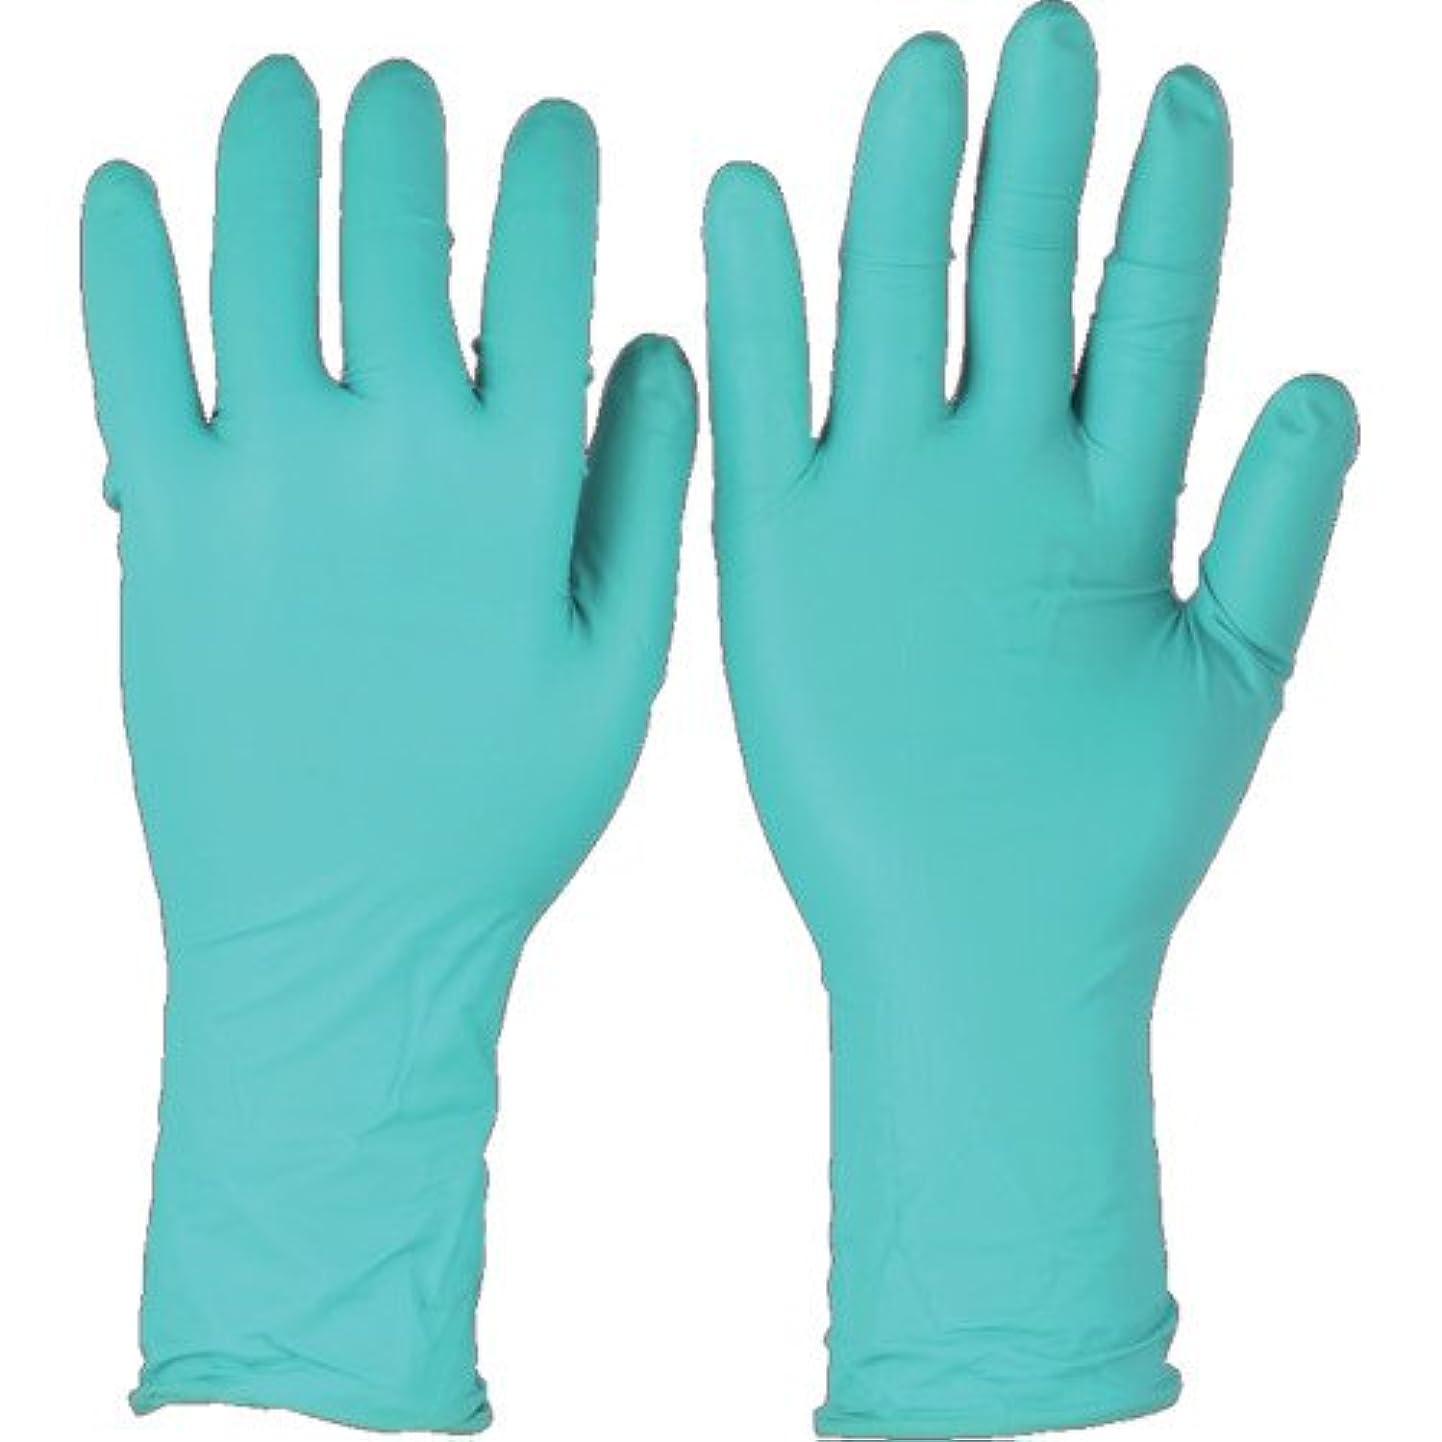 友情最小投票トラスコ中山 アンセル ネオプレンゴム使い捨て手袋 マイクロフレックス 93-260 XLサイズ (50枚入)  9326010